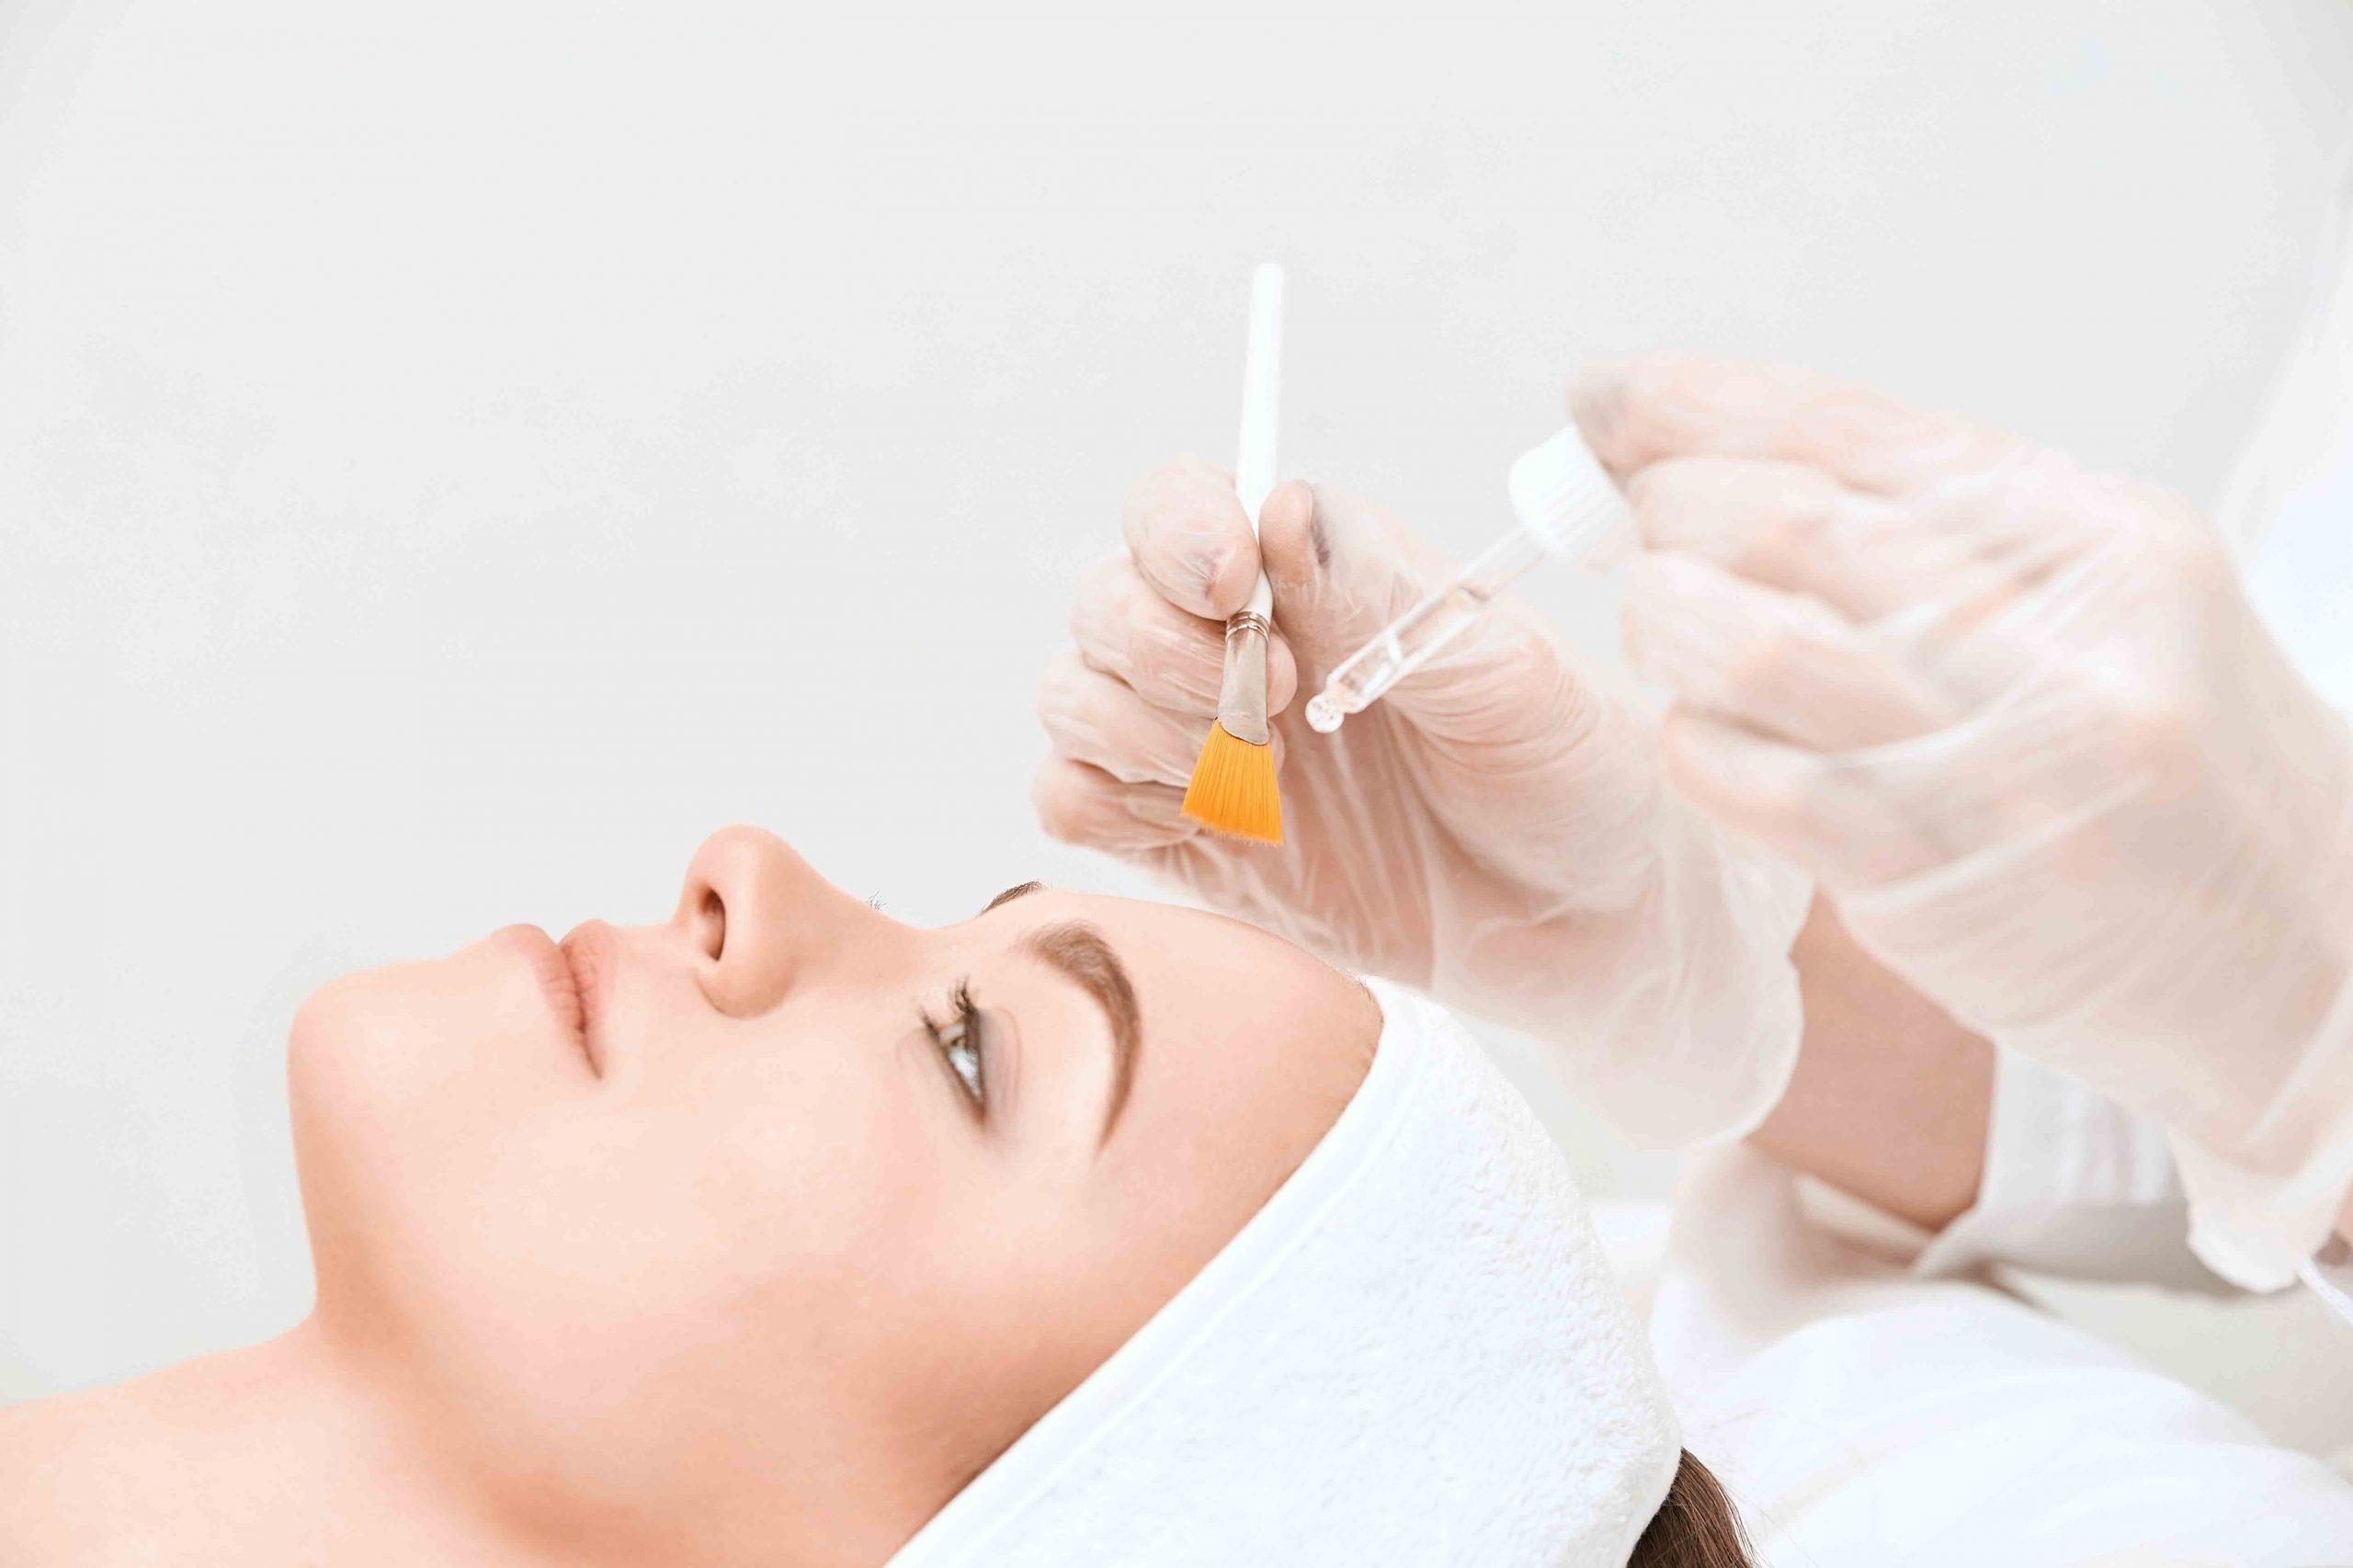 Frau wird mit einem Peeling behandelt / Hautverjüngung / Dr. Zierhofer-Tonar, Wien